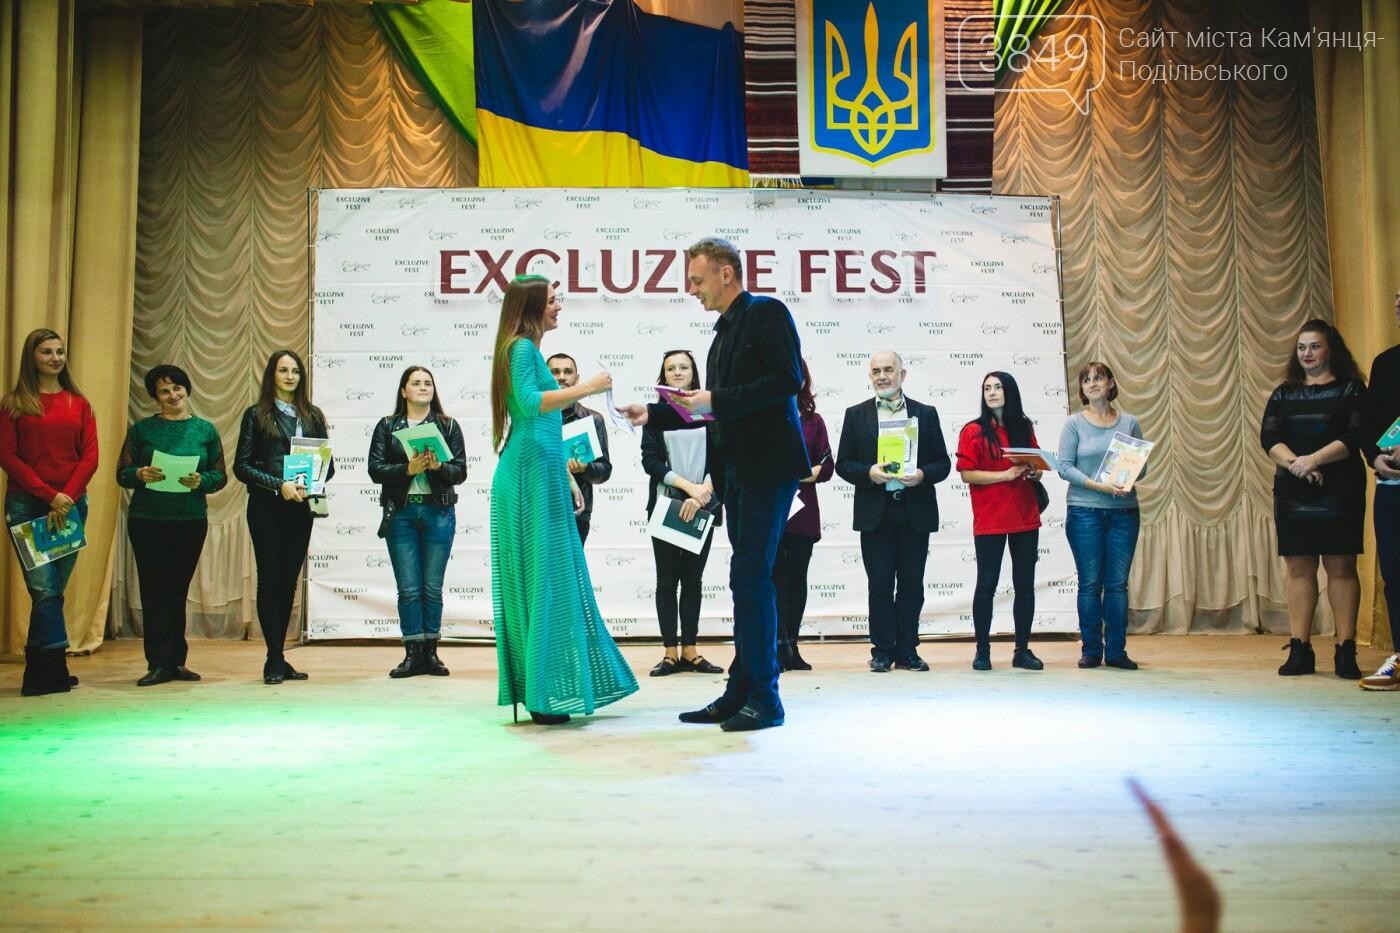 Юні кам'янецькі танцюристи завоювали чотири I місця та Гран-прі найбільшого фестивалю Західної України, фото-8